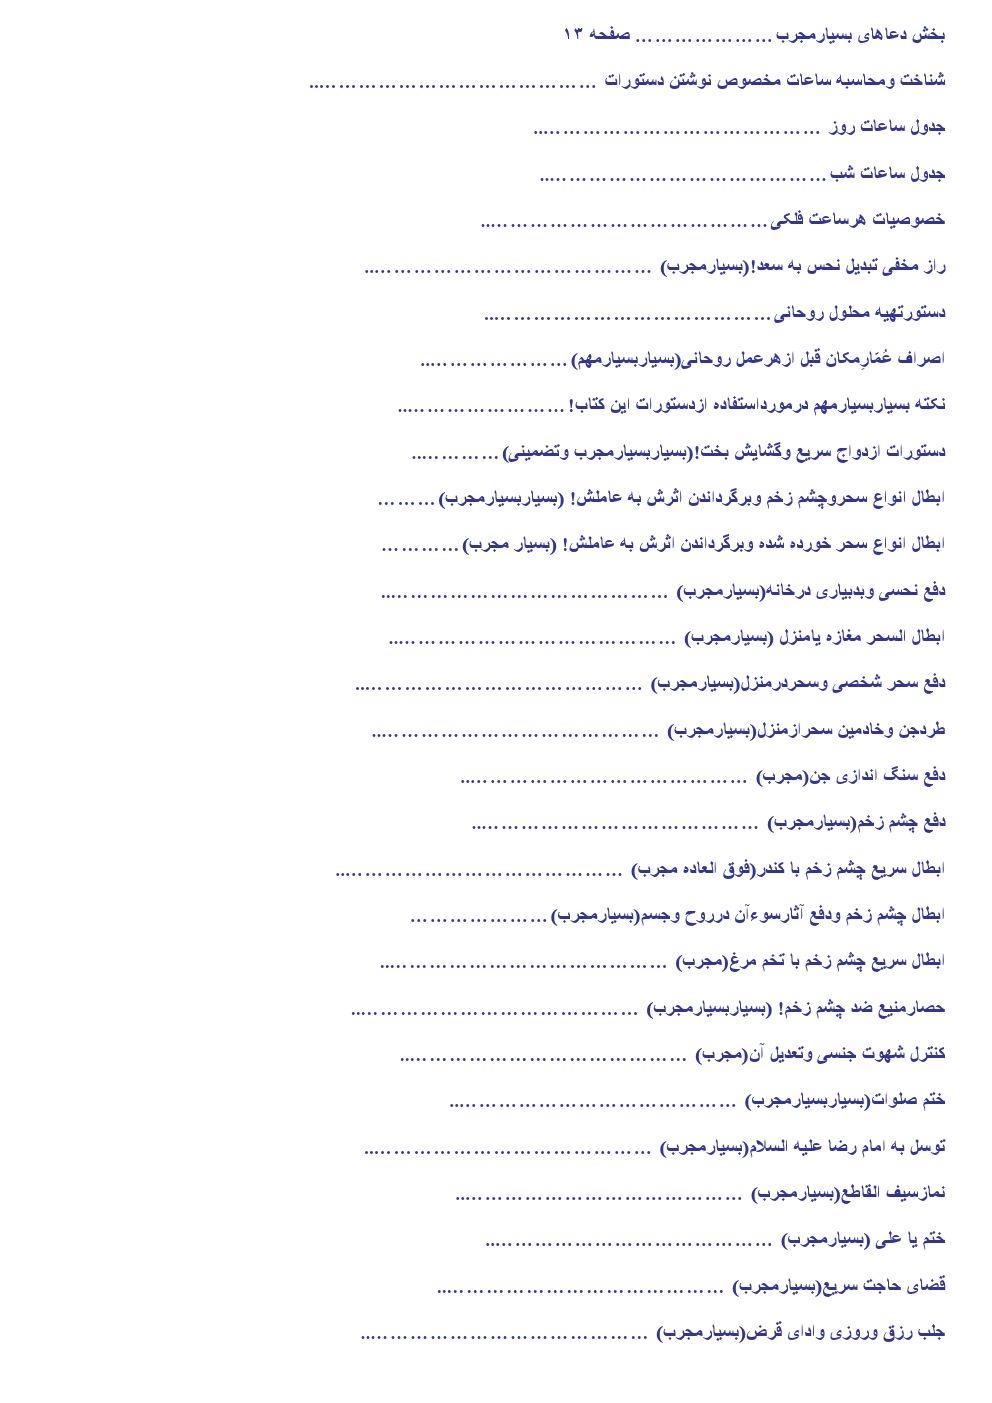 کتاب مجربات باقر pdf